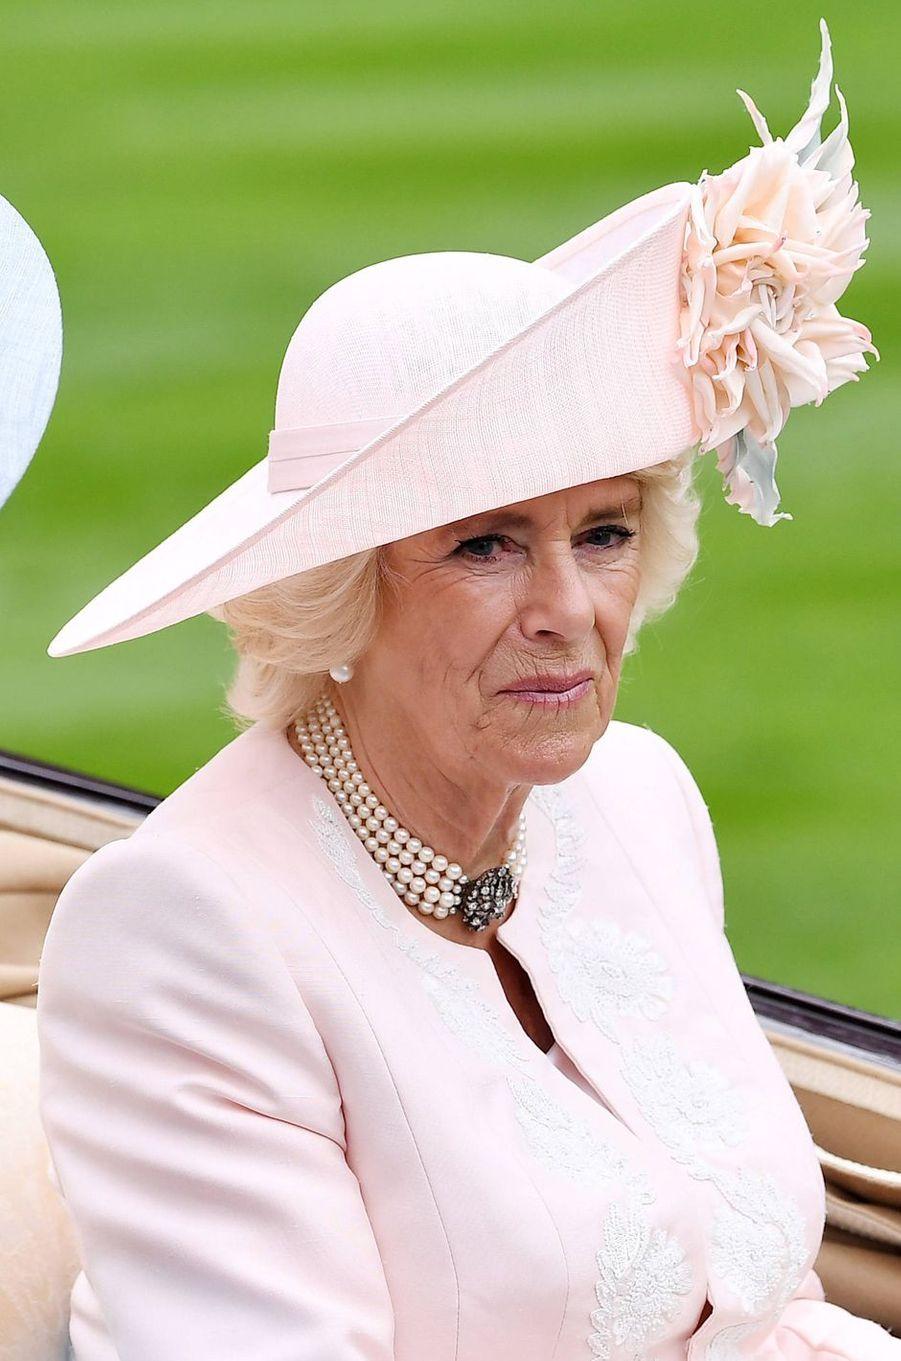 Le chapeau de la duchesse de Cornouailles Camilla au Royal Ascot, le 18 juin 2019